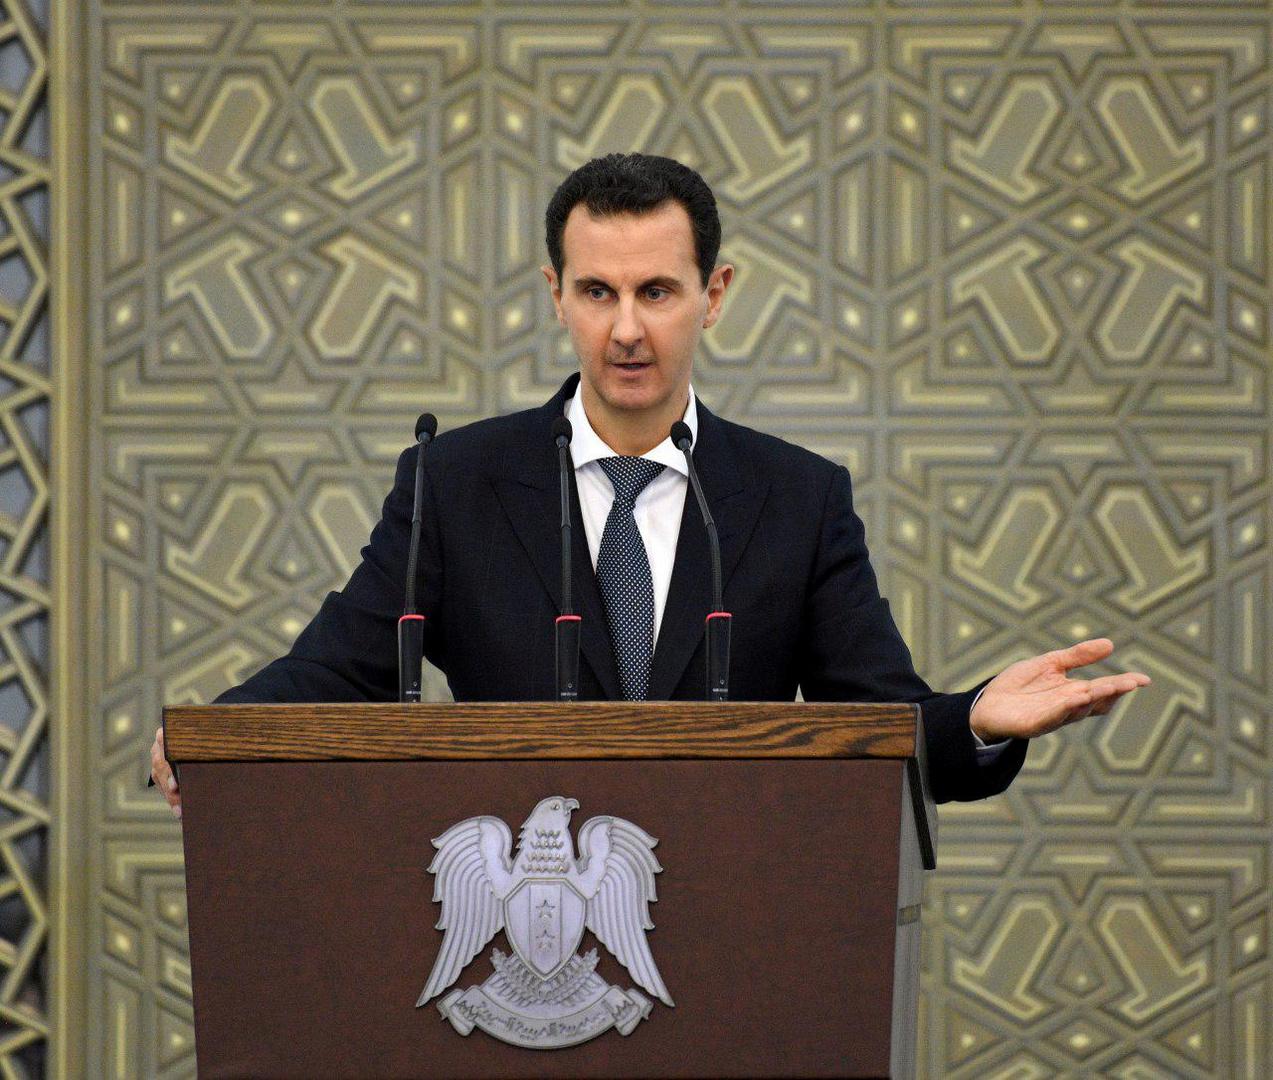 الرئيس السوري يحيل قانون مجلس الدولة إلى المحكمة الدستورية العليا